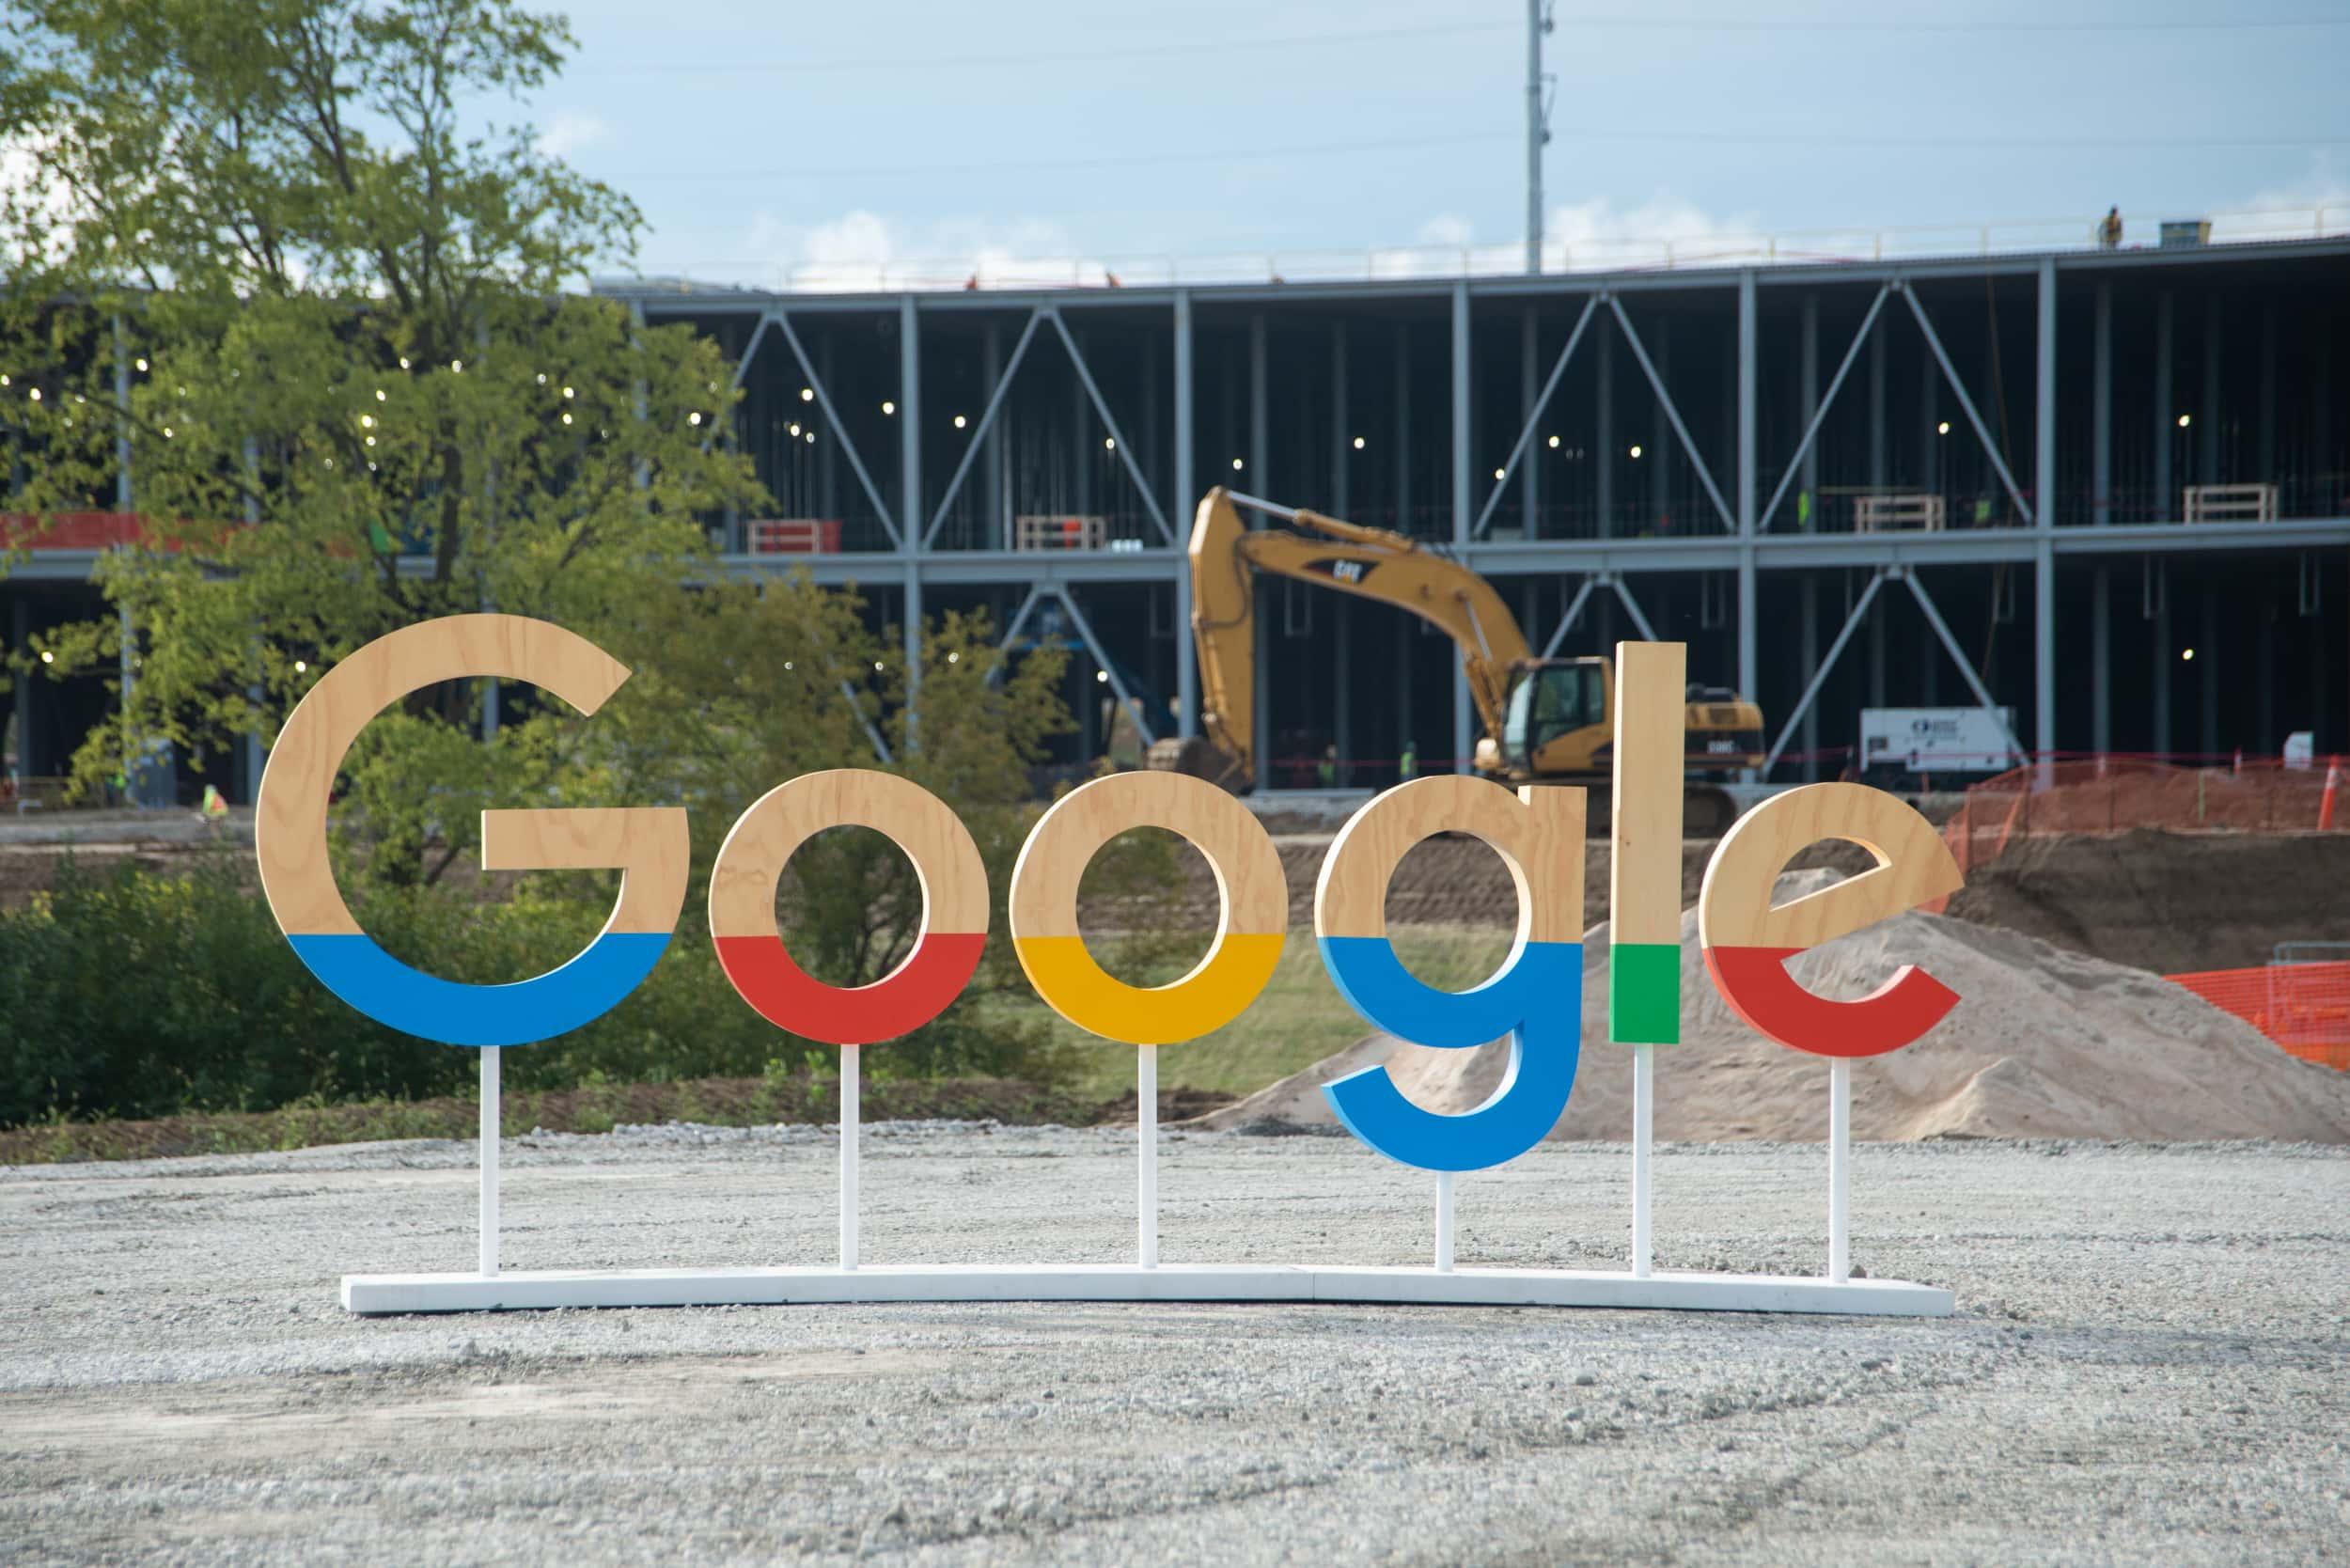 Google Data Center in Papillion